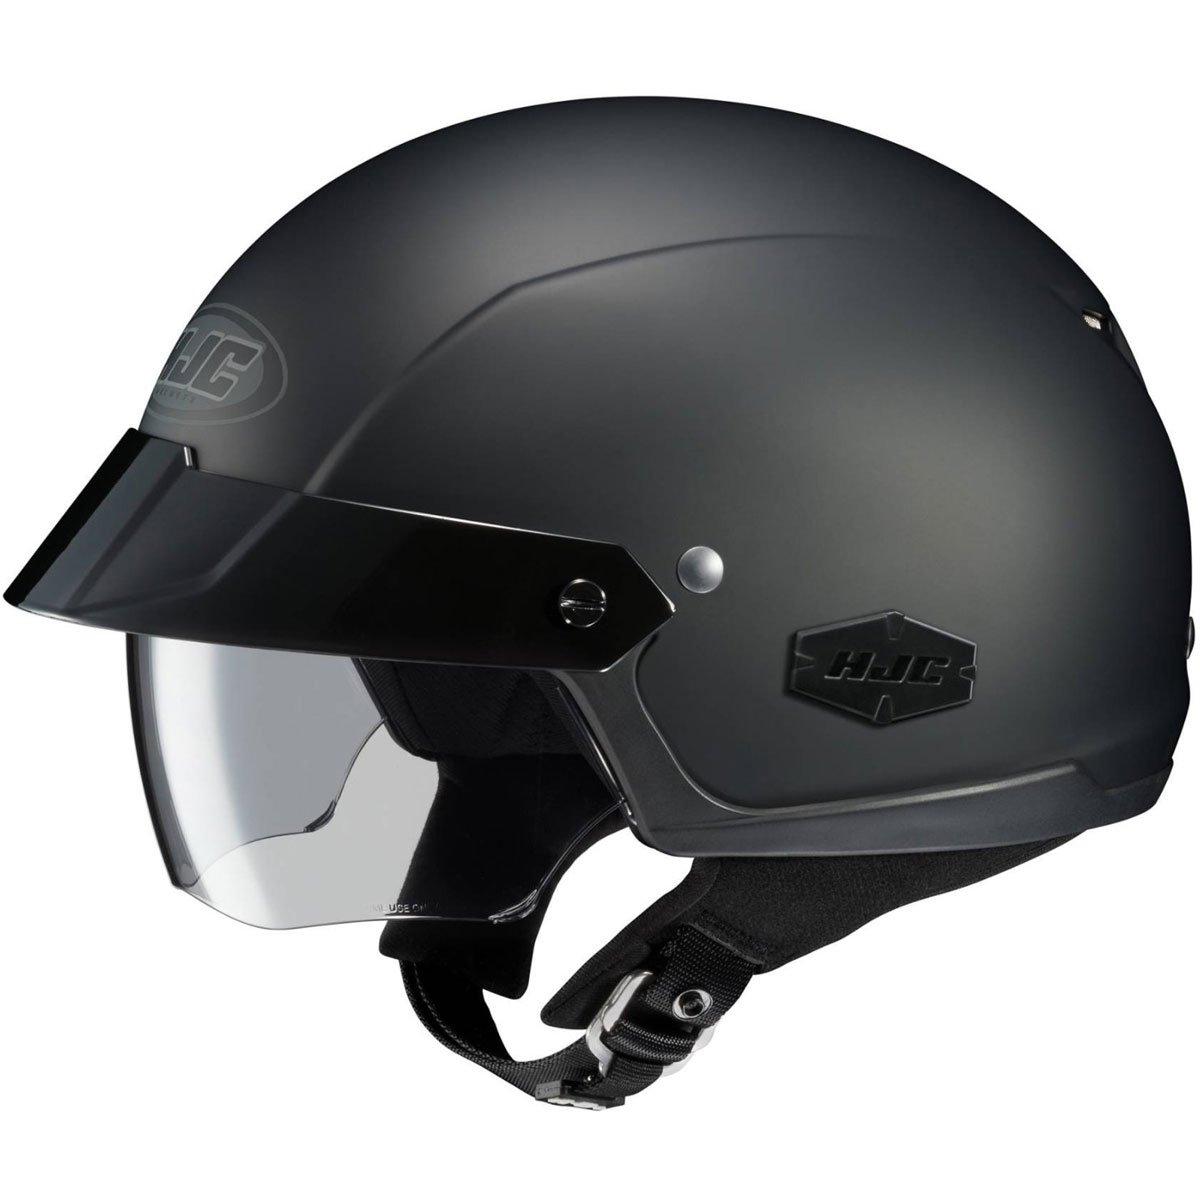 HJC Solid IS-Cruiser Half (1/2) Shell Motorcycle Helmet - Matte Black / Medium